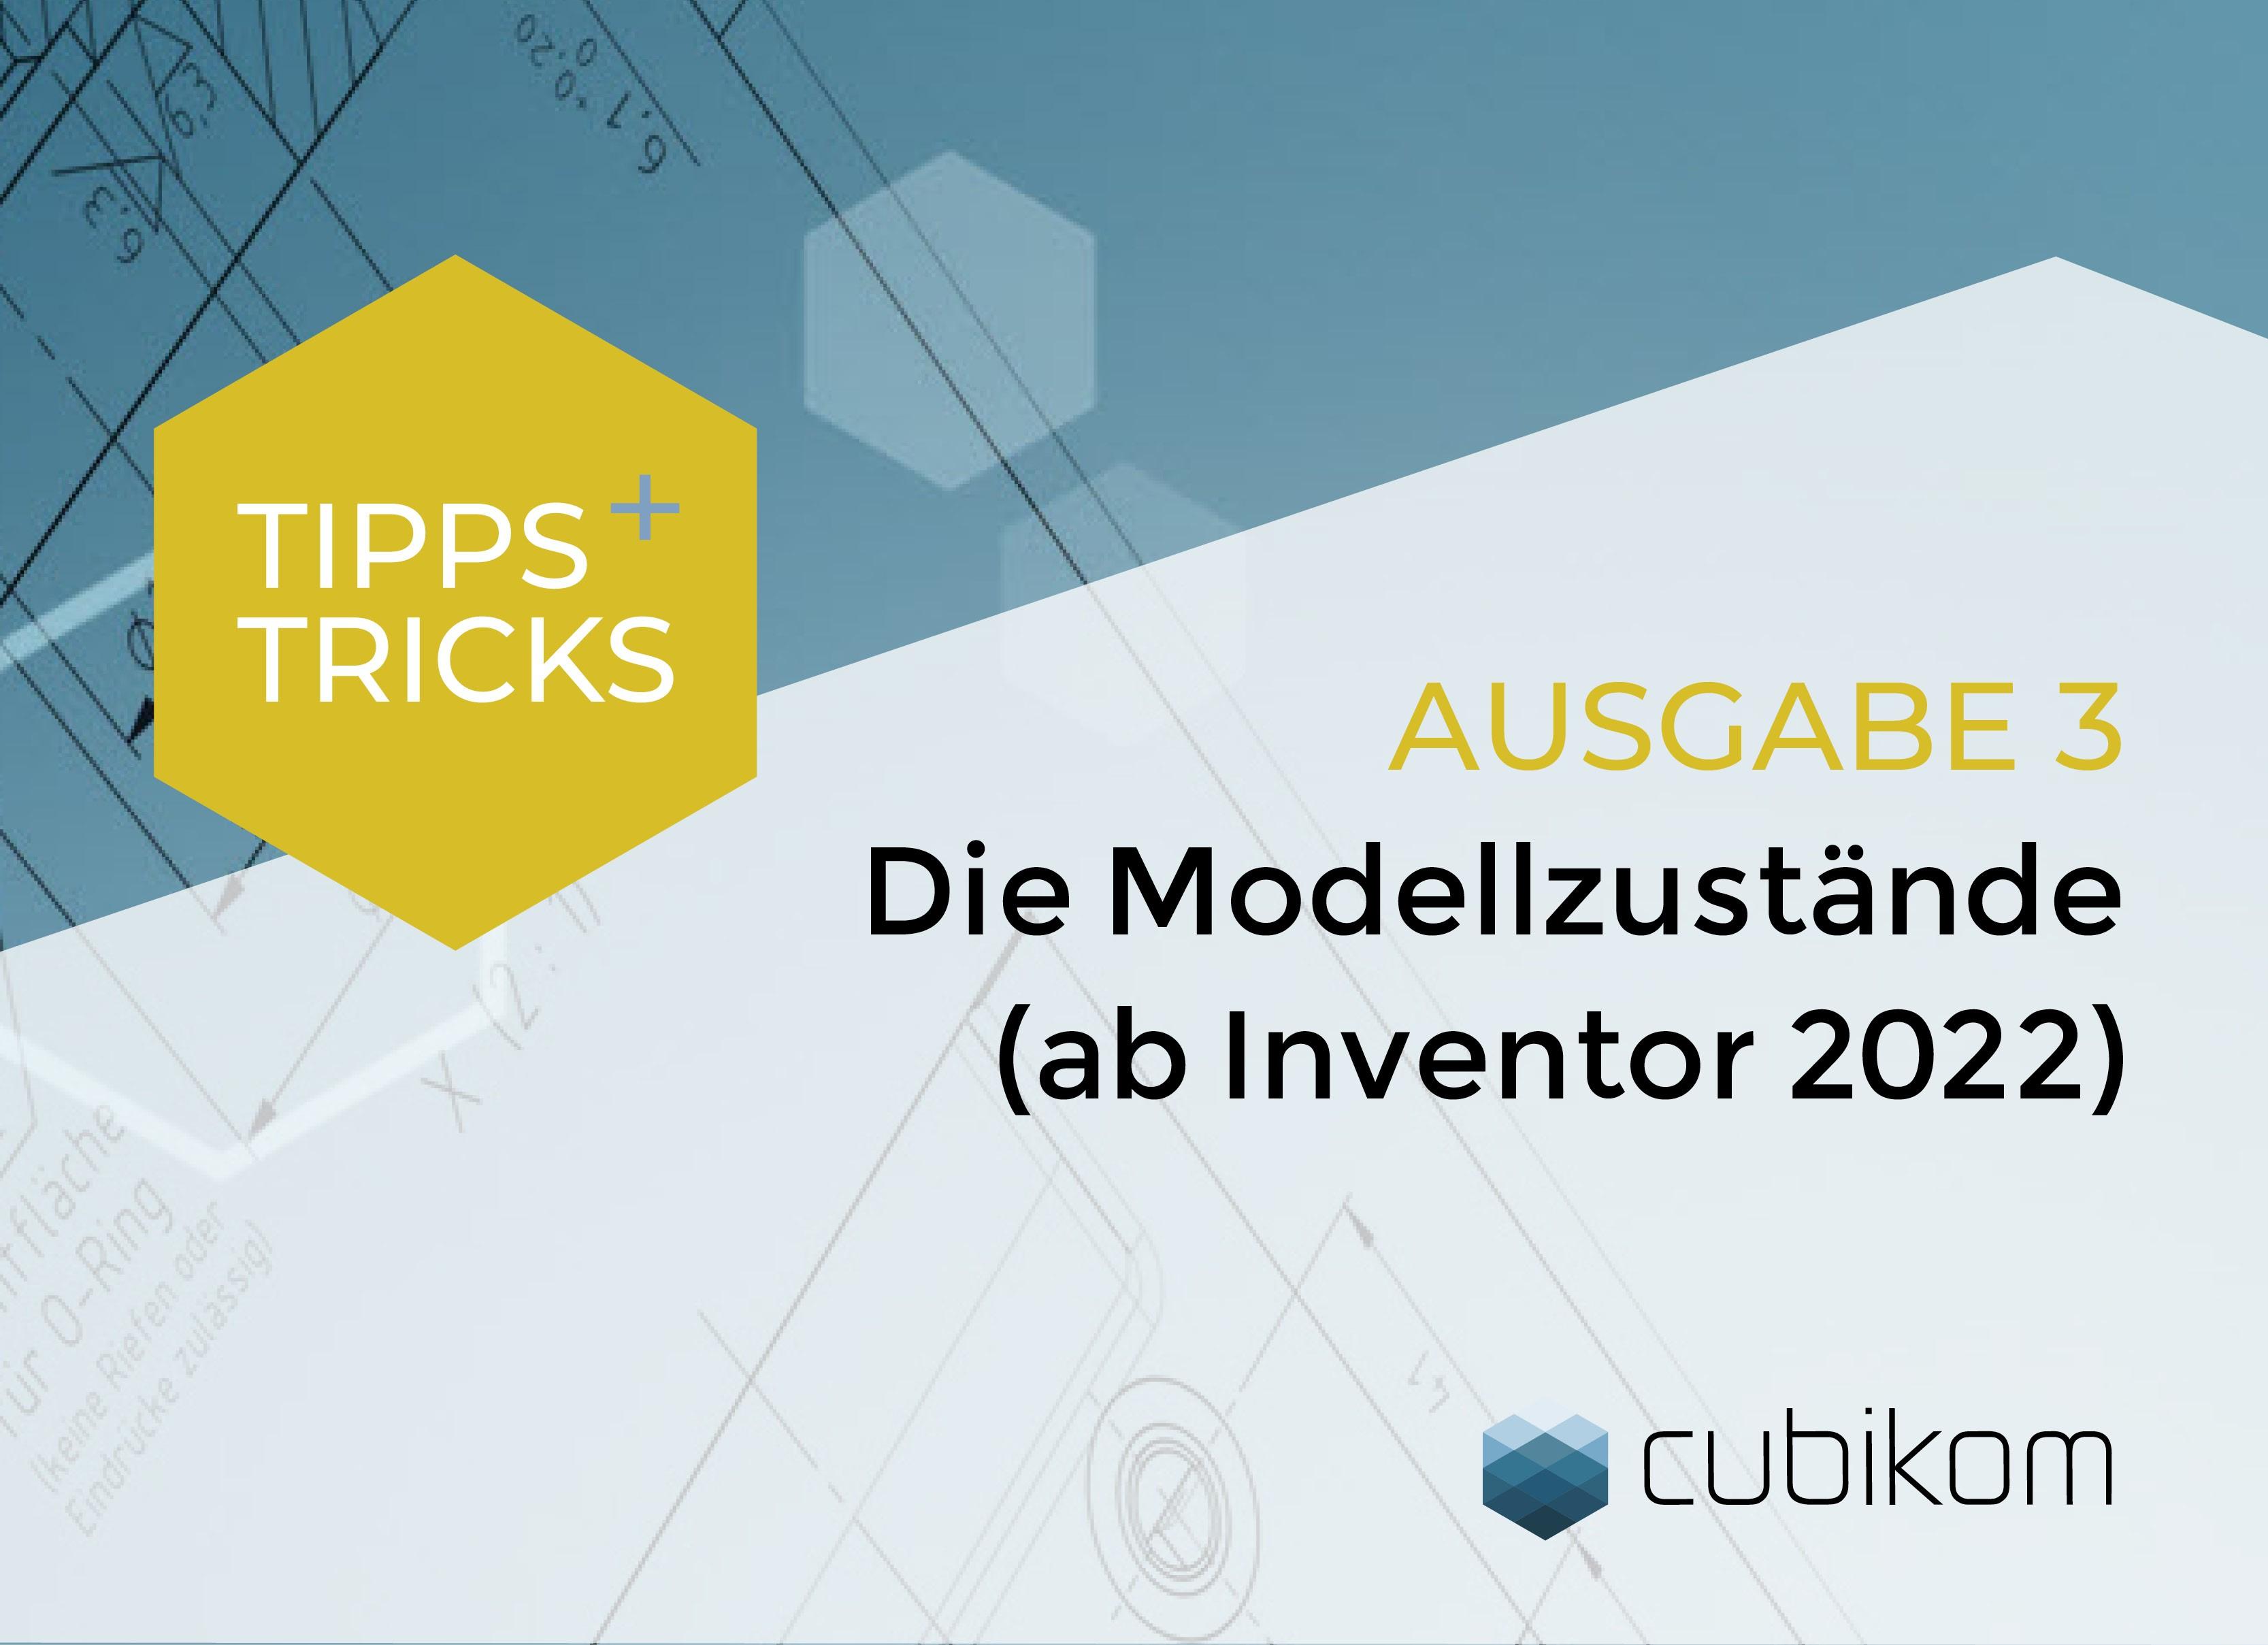 Die Modellzustände (ab Inventor 2022)